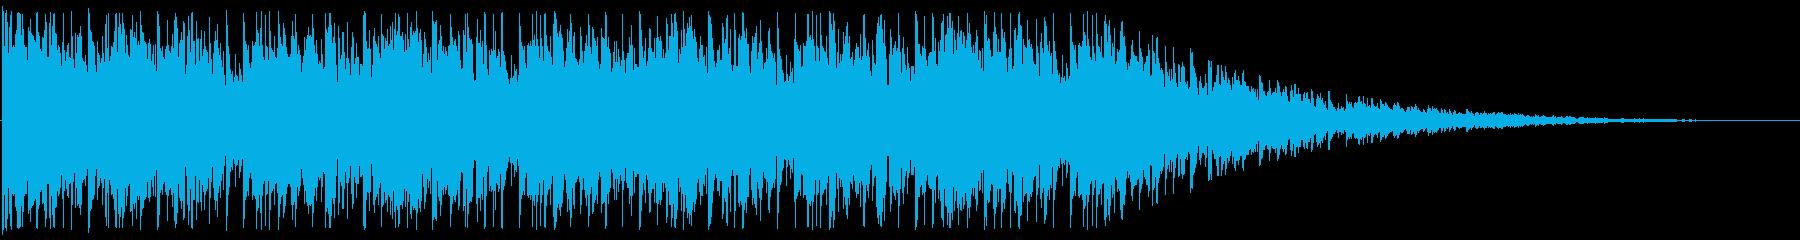 開放的/宇宙/エレクトロ_No602_5の再生済みの波形